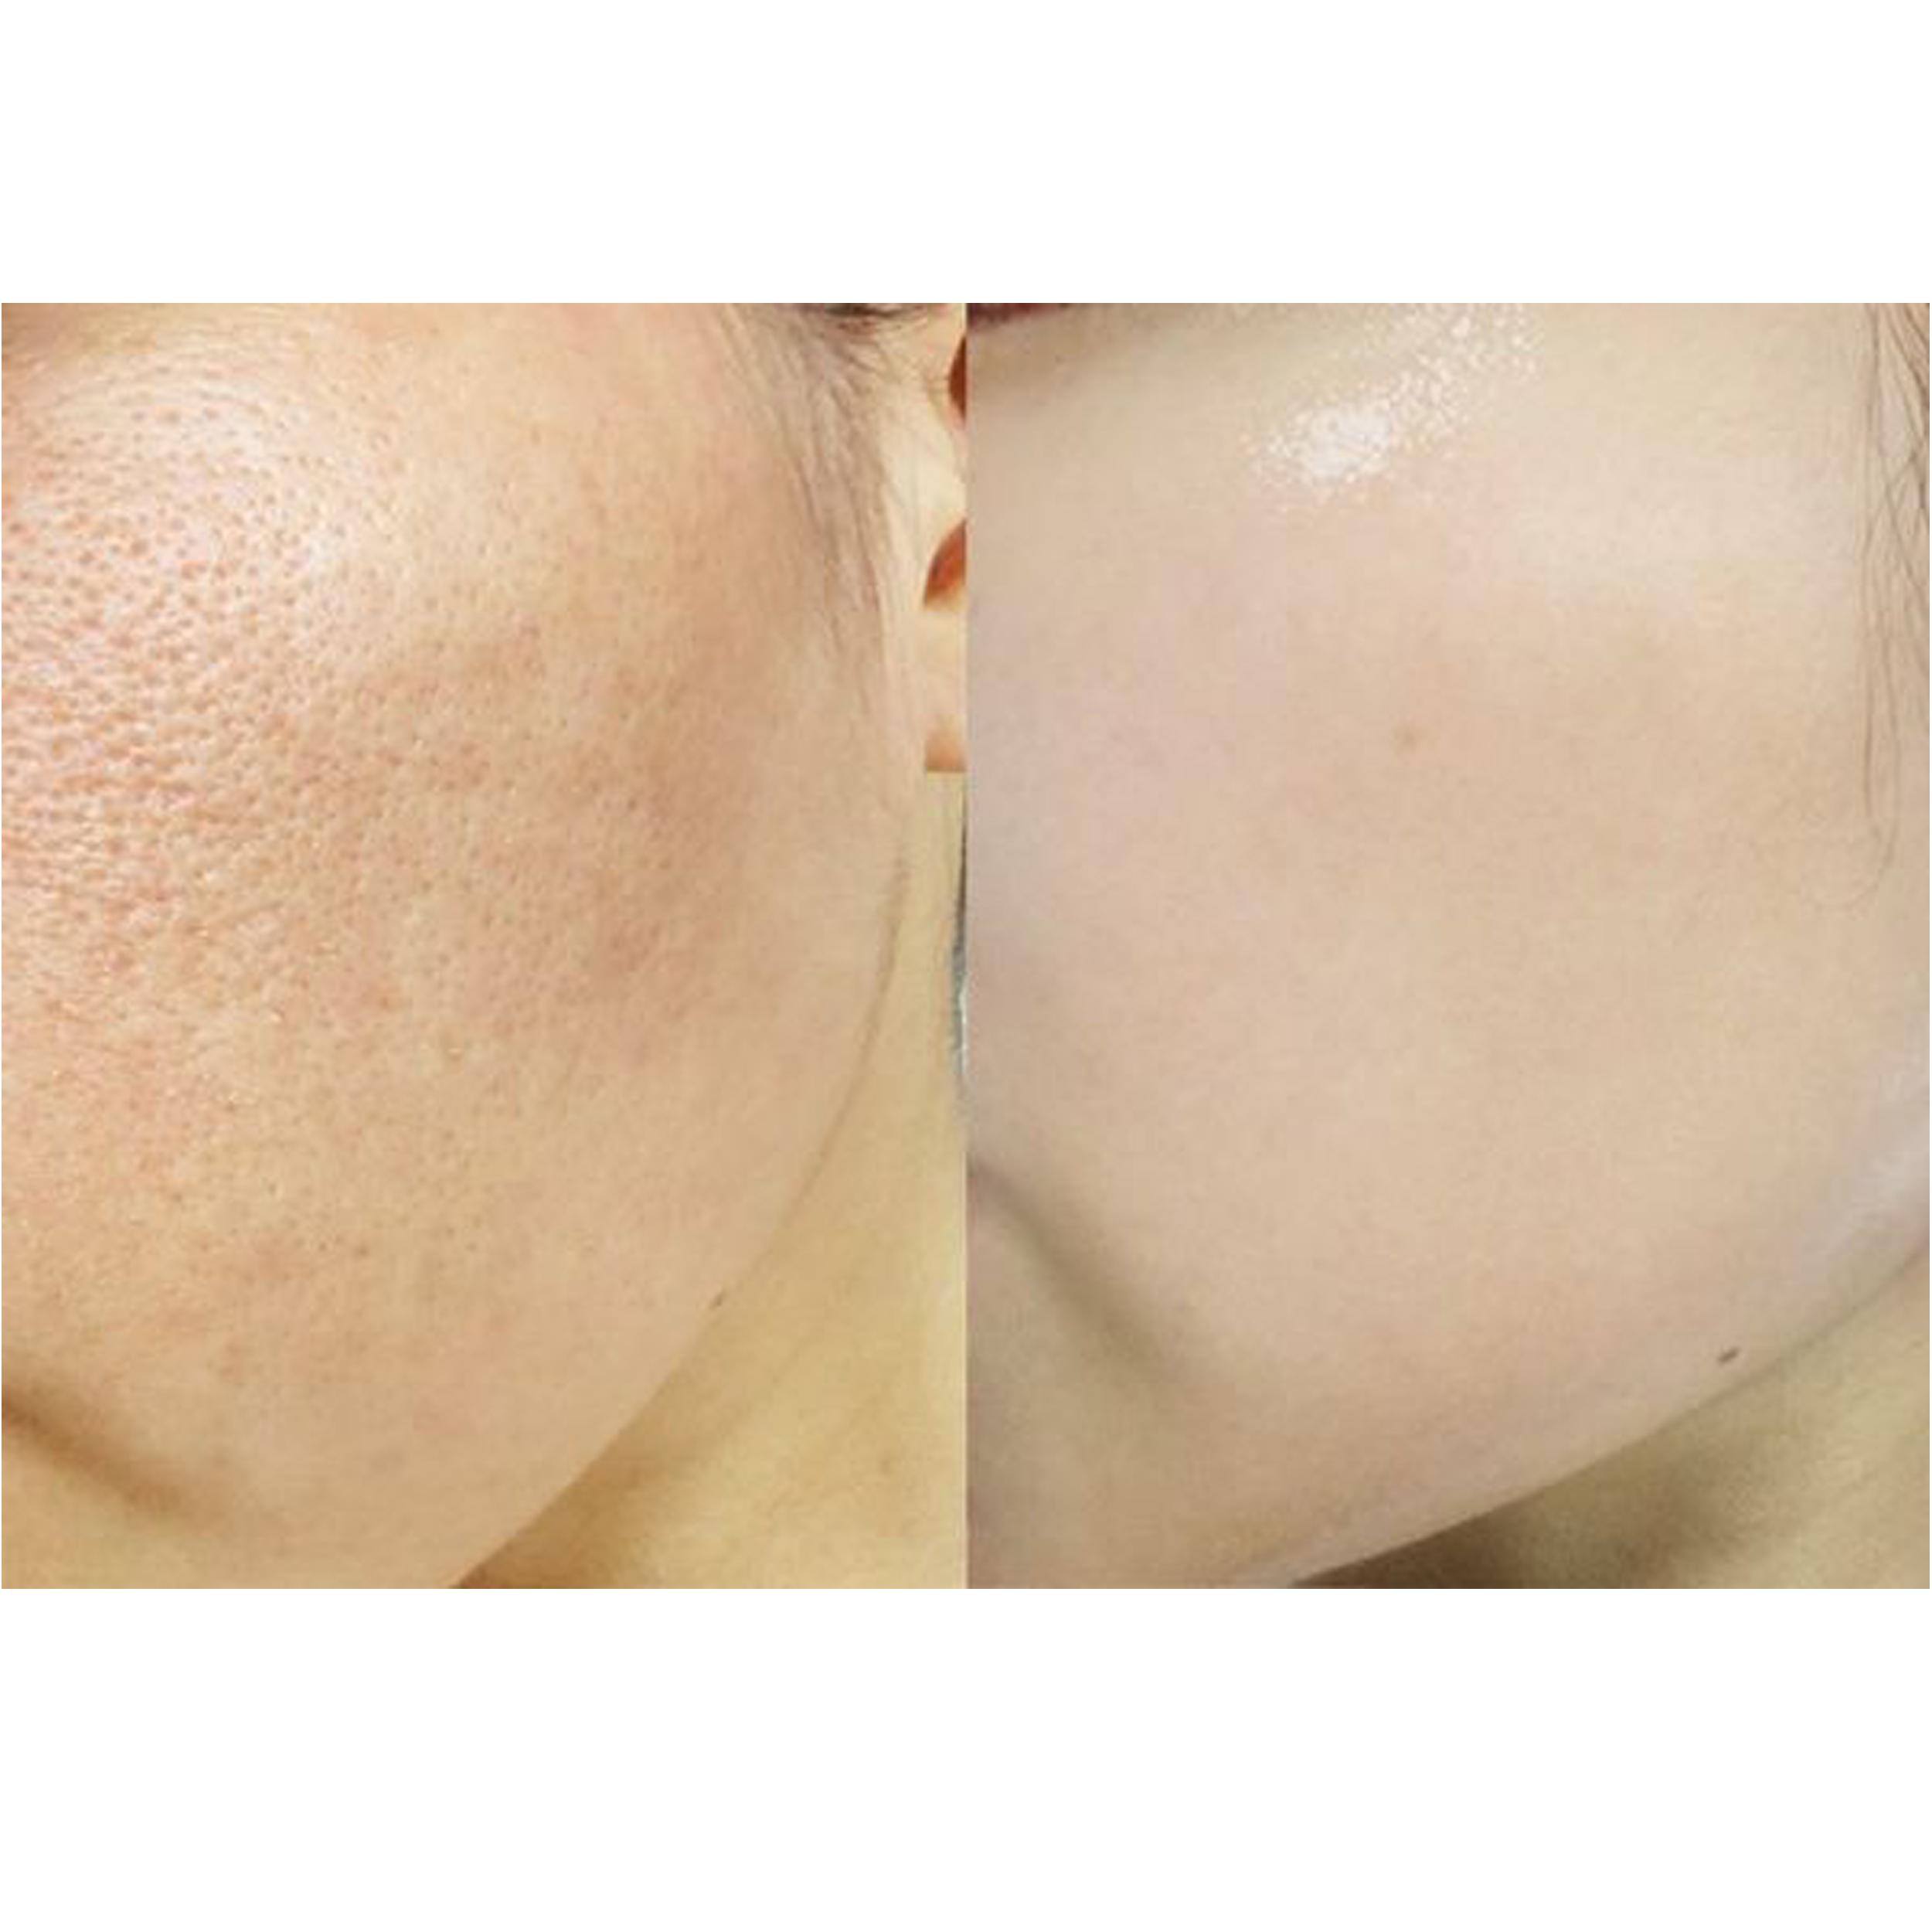 ماسک و اسکراب صورت بایو آکوا مدل  Bright Skin حجم 120 میلی لیتر main 1 7